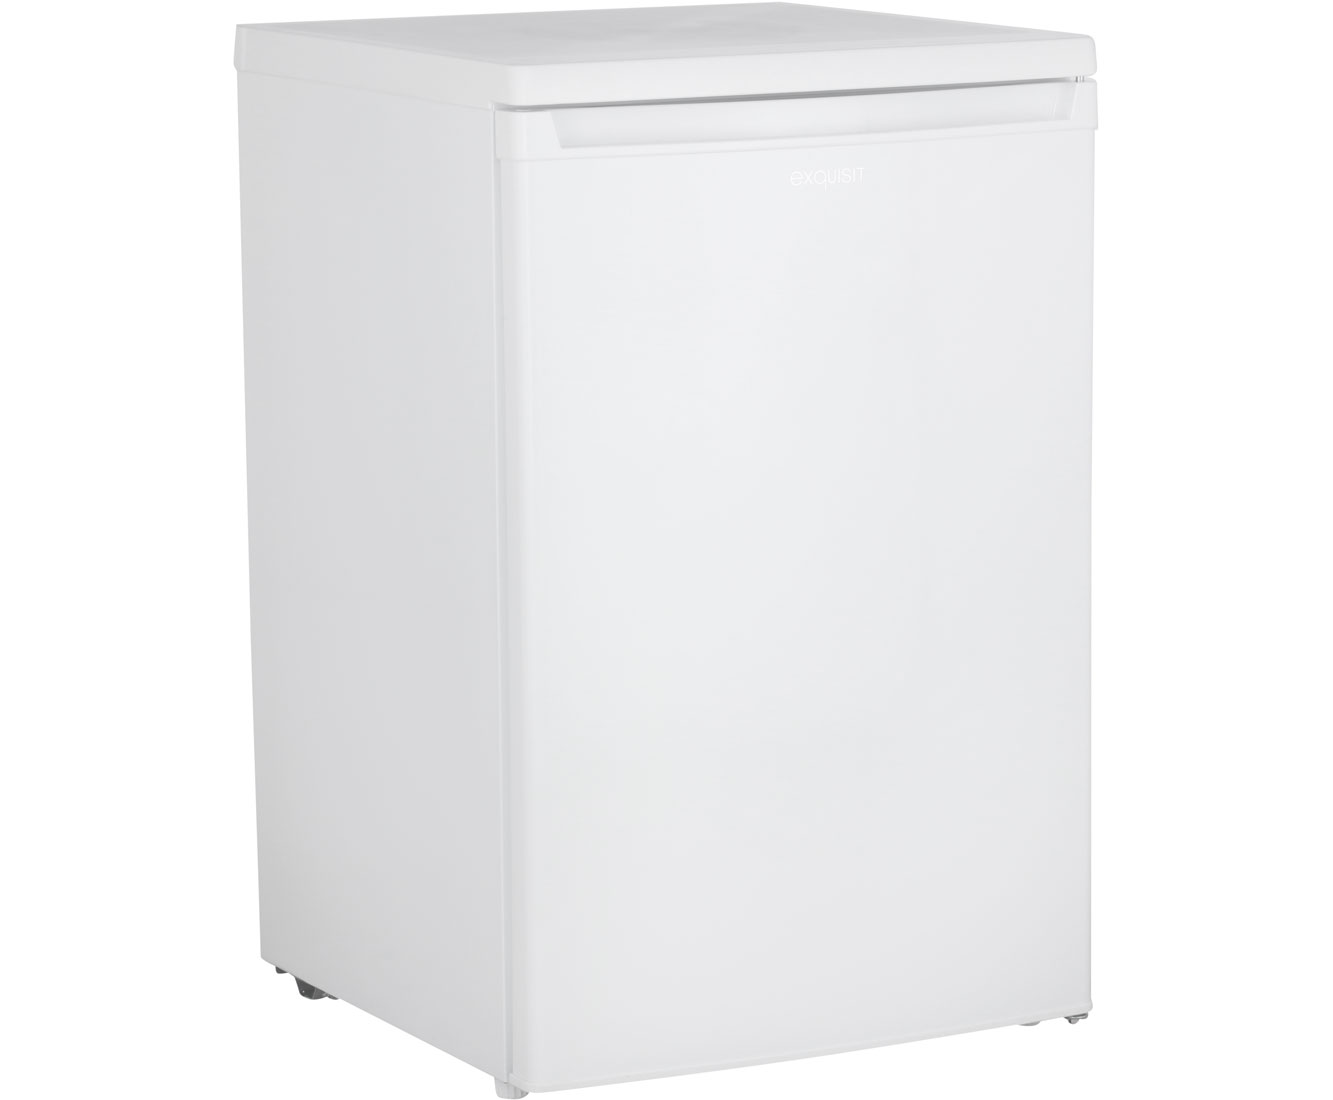 Mini Kühlschrank Neu : Kühlschrank neu finebuy mini kühlschrank minibar weiß 46l 5 15c